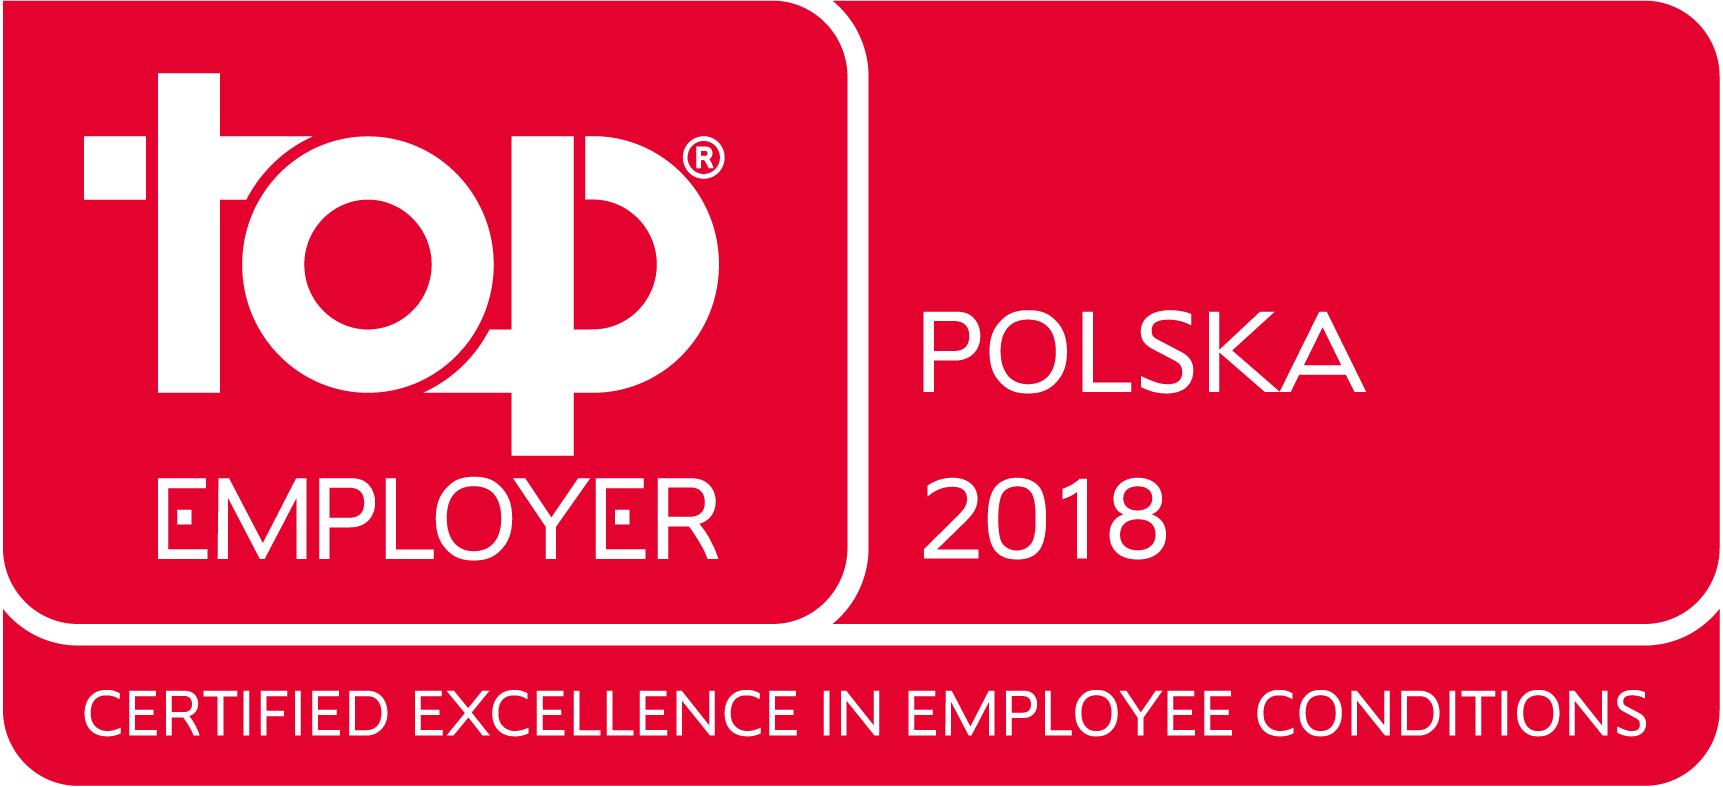 Nagrodzone najwyższe standardy warunków pracowniczych